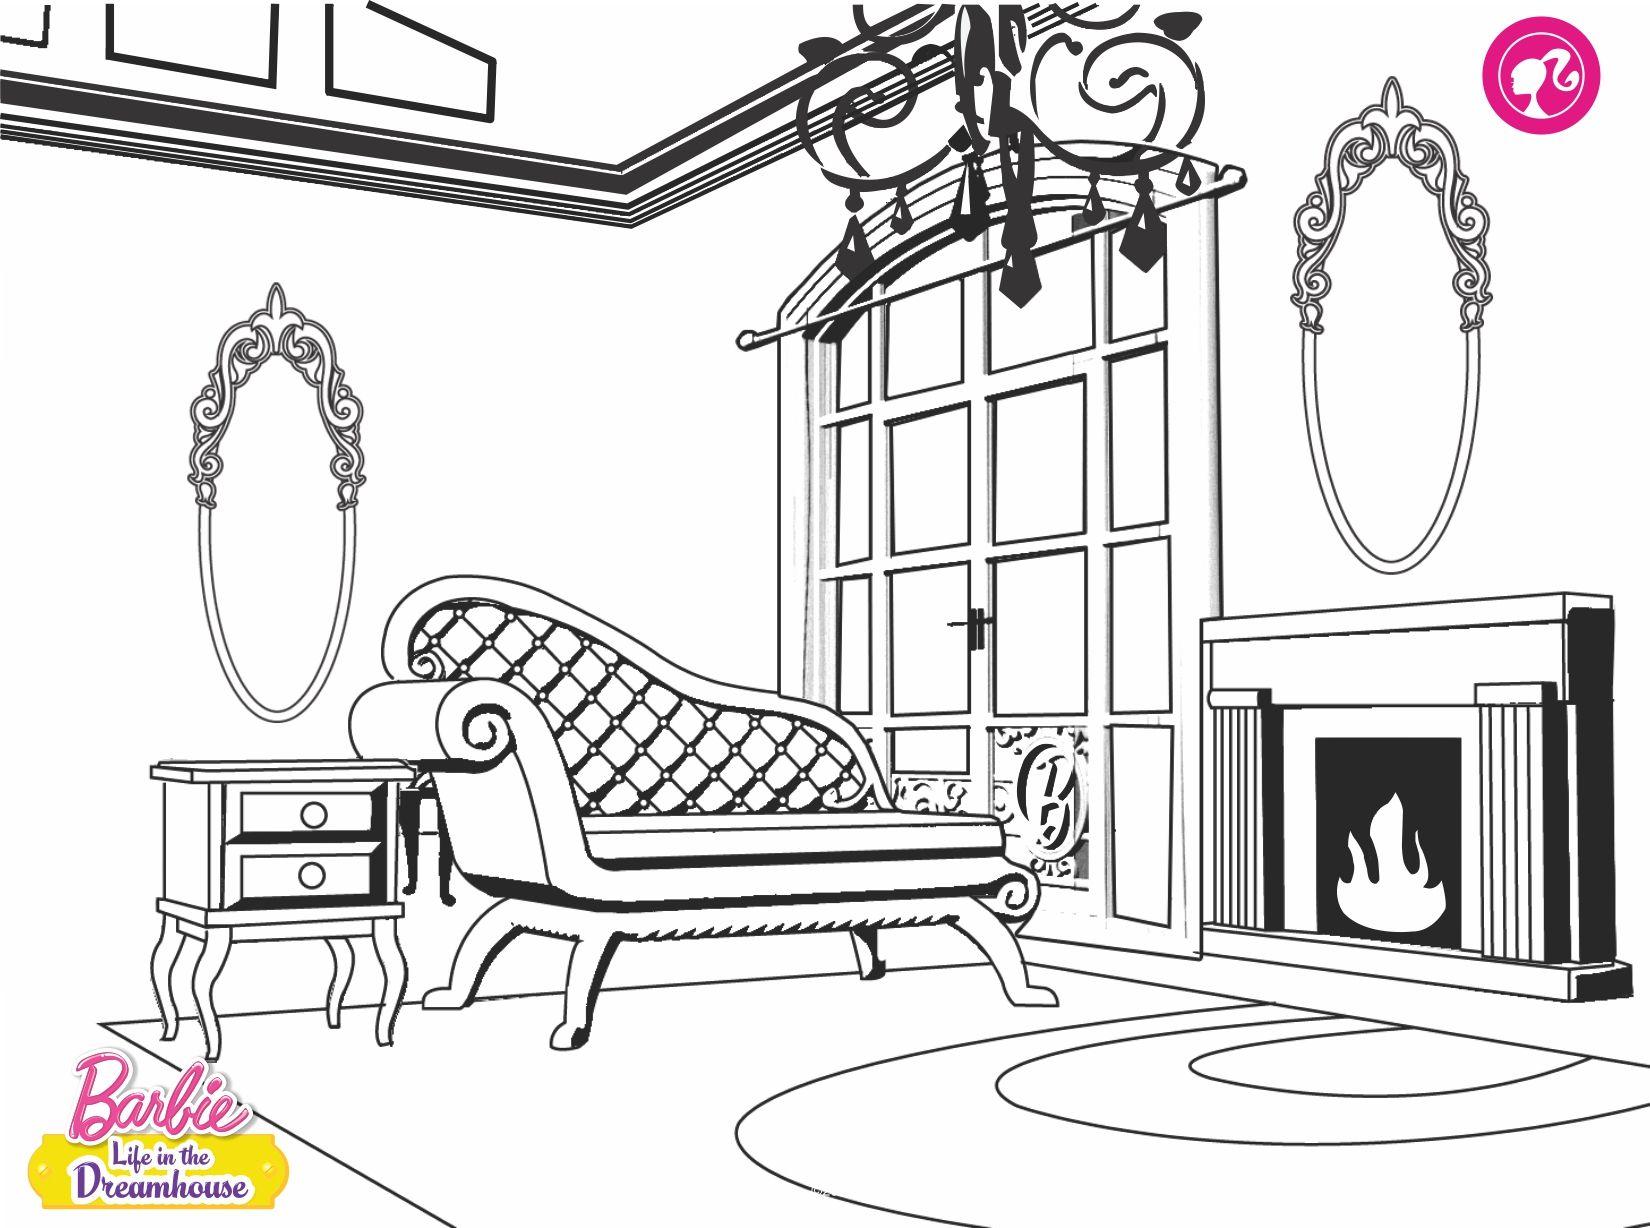 Desenhos Para Colorir Da Barbie - Dreamhouse-life